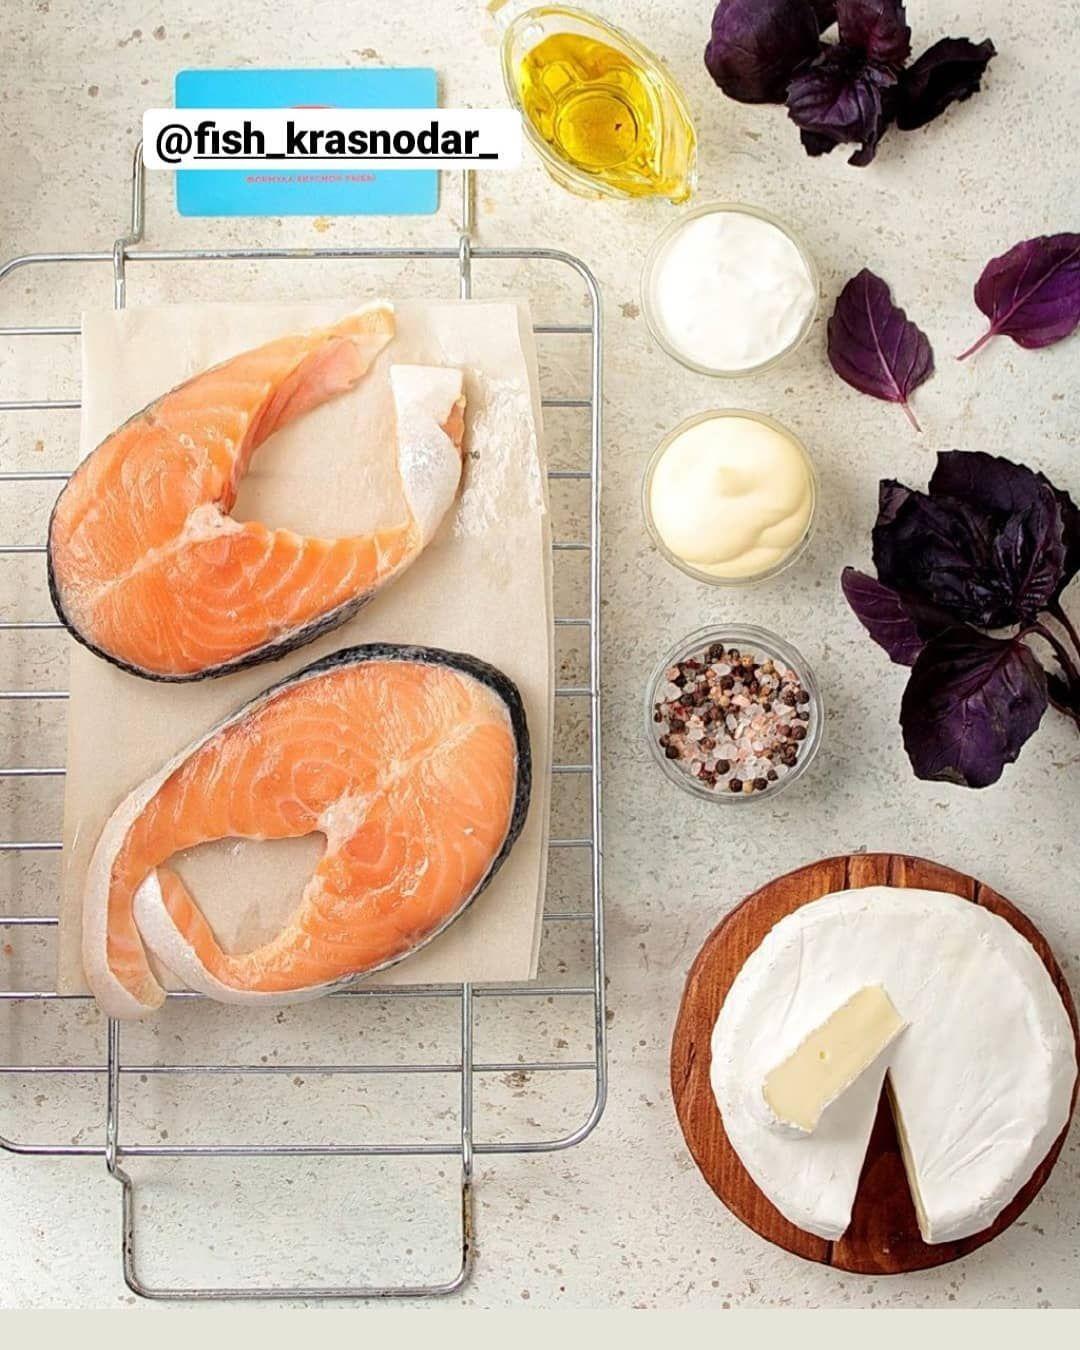 Запечённые стейки сёмги с базиликом и сыром бри